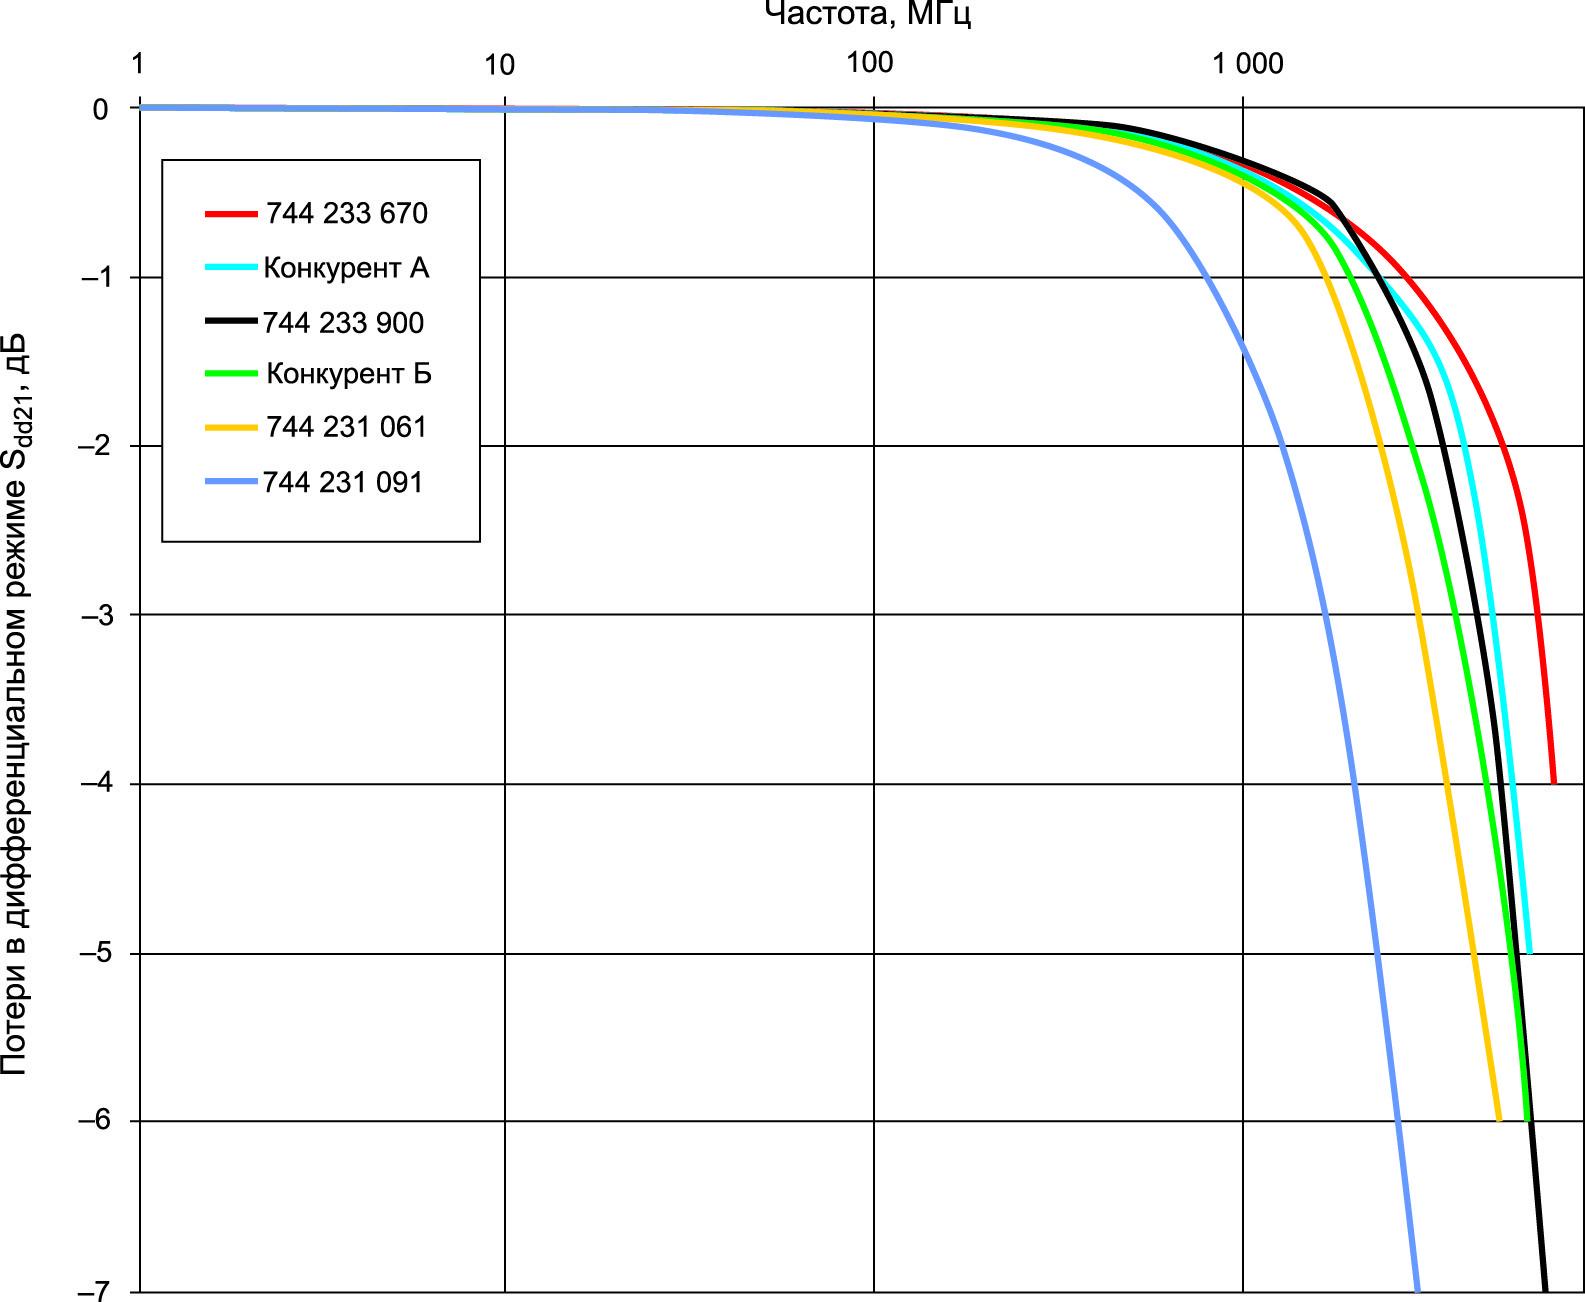 Результаты измерения Sdd21. Частота среза при –3 дБ определяется как эталонная. Линейные фильтры из серии WE-CNSW HF достигают максимума на частоте 6,5 ГГц